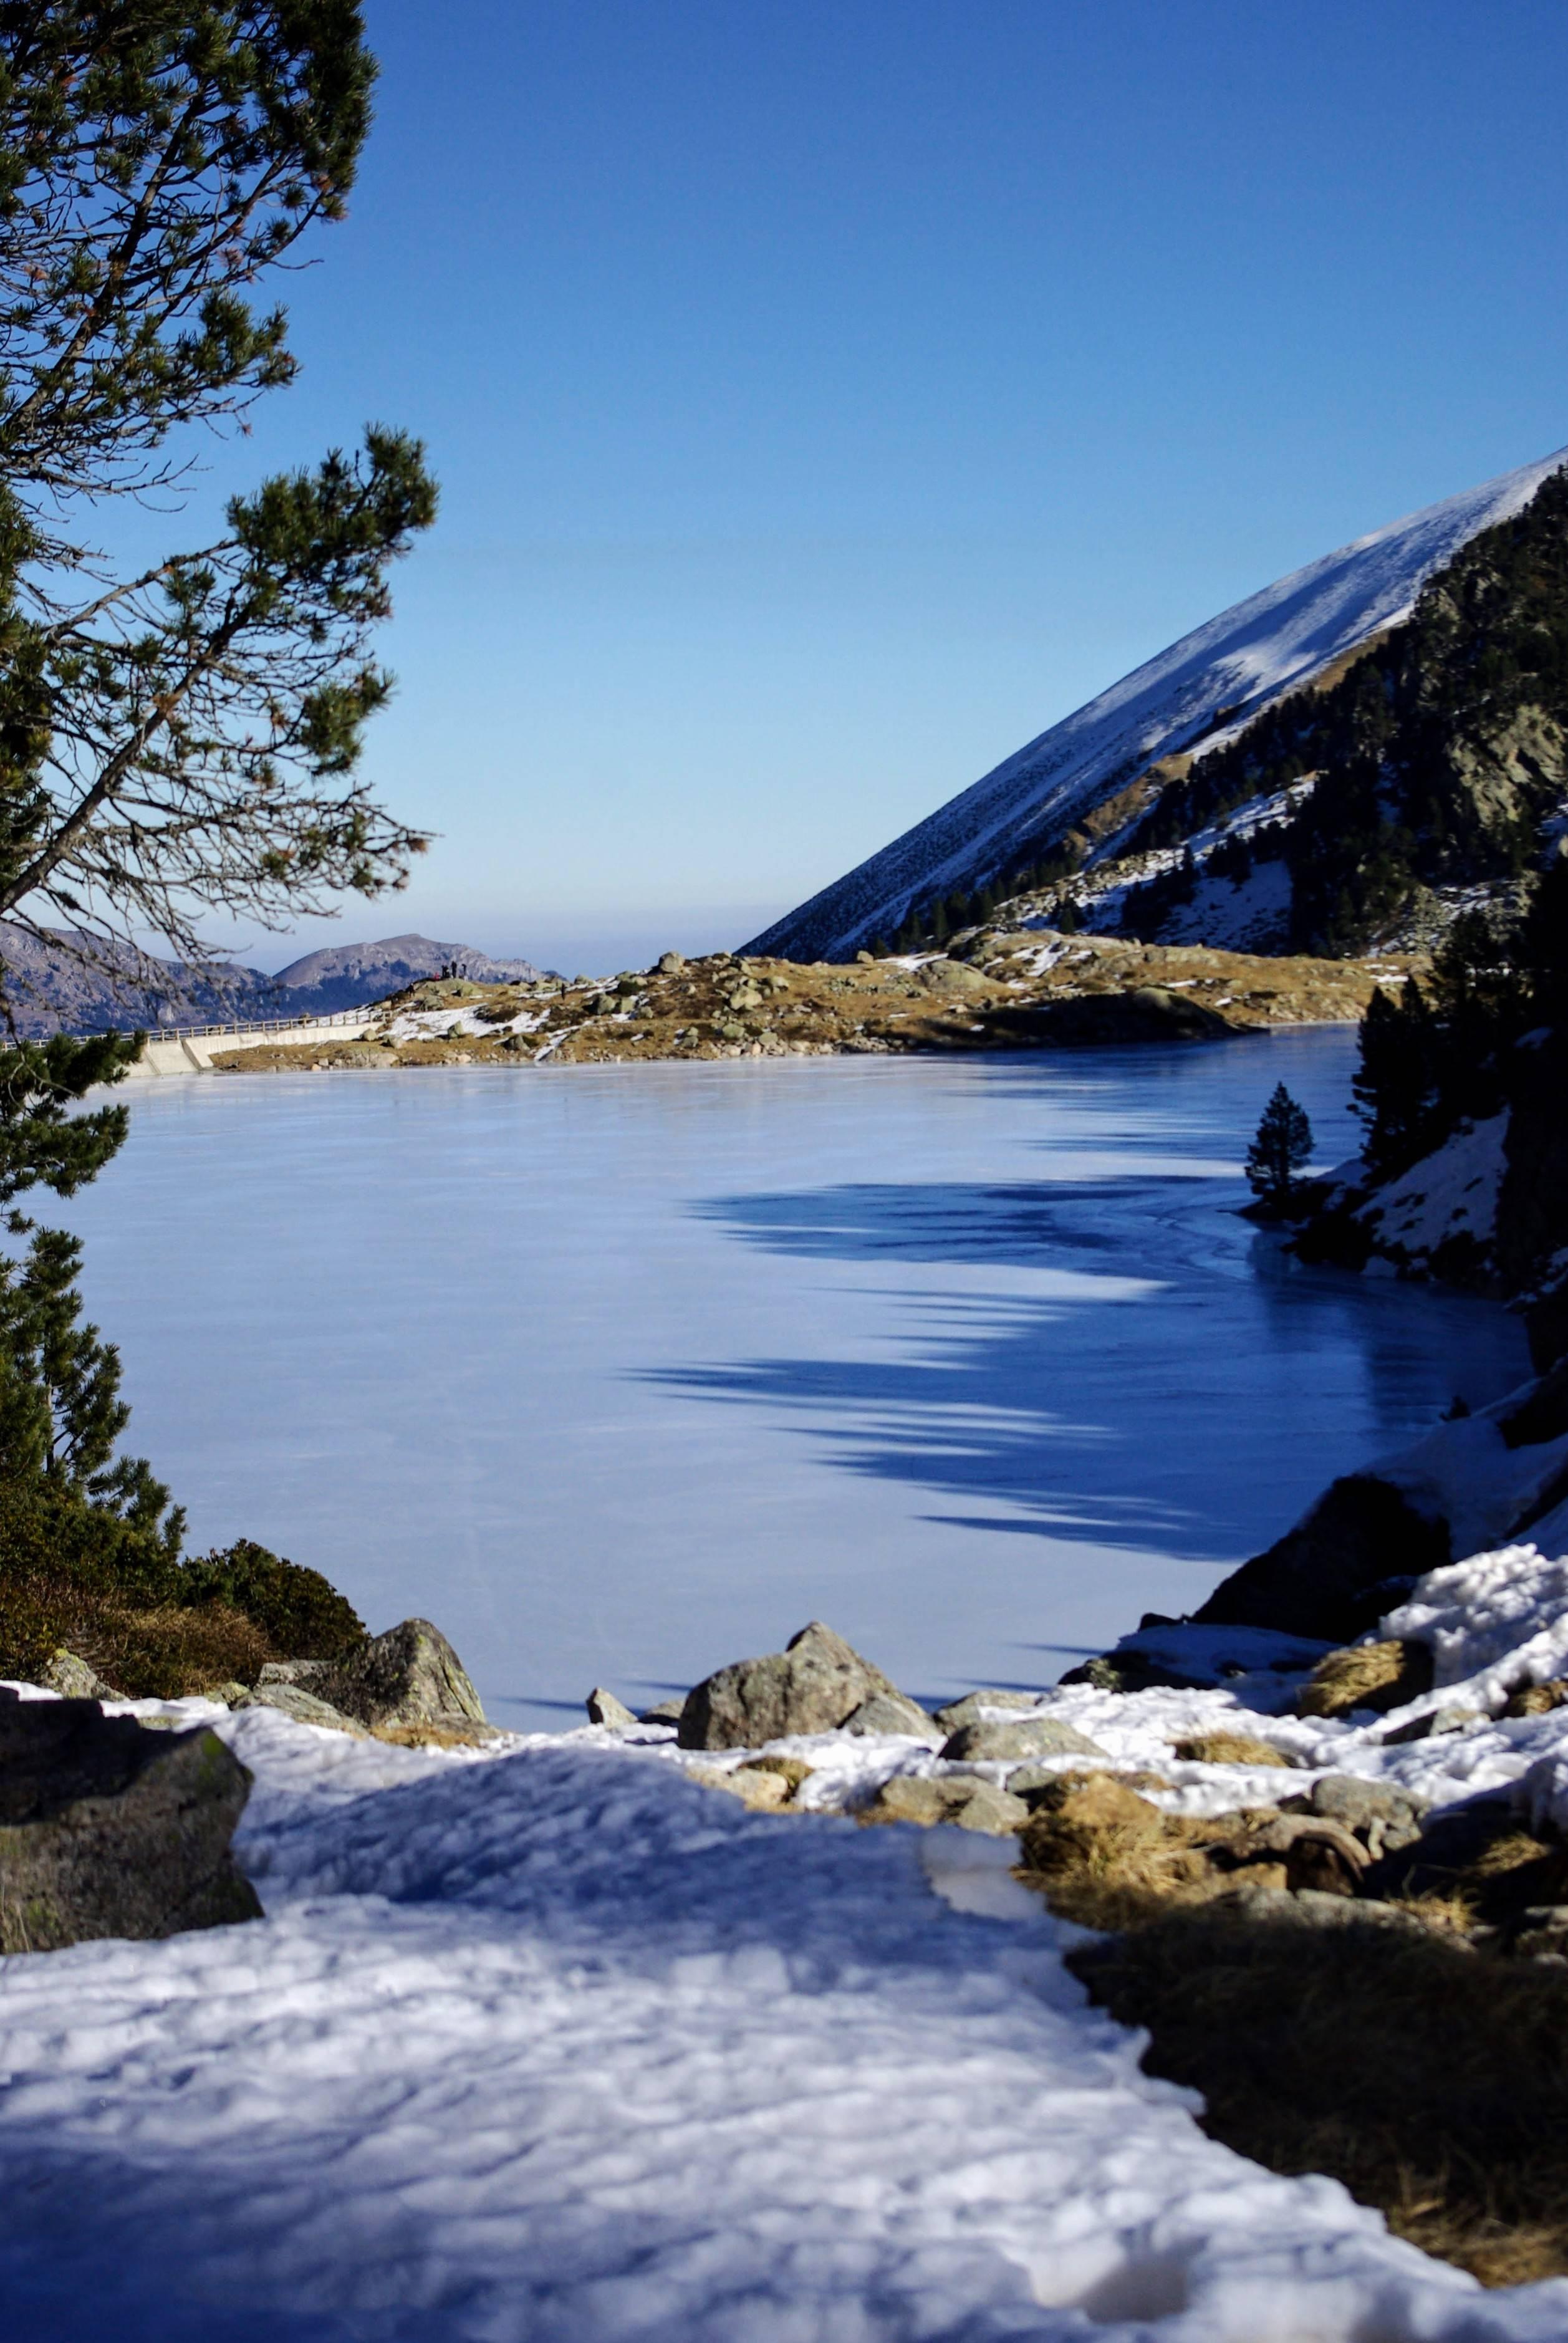 Photo 1: Refuge de Campana à 2225m dans les Hautes Pyrénnées